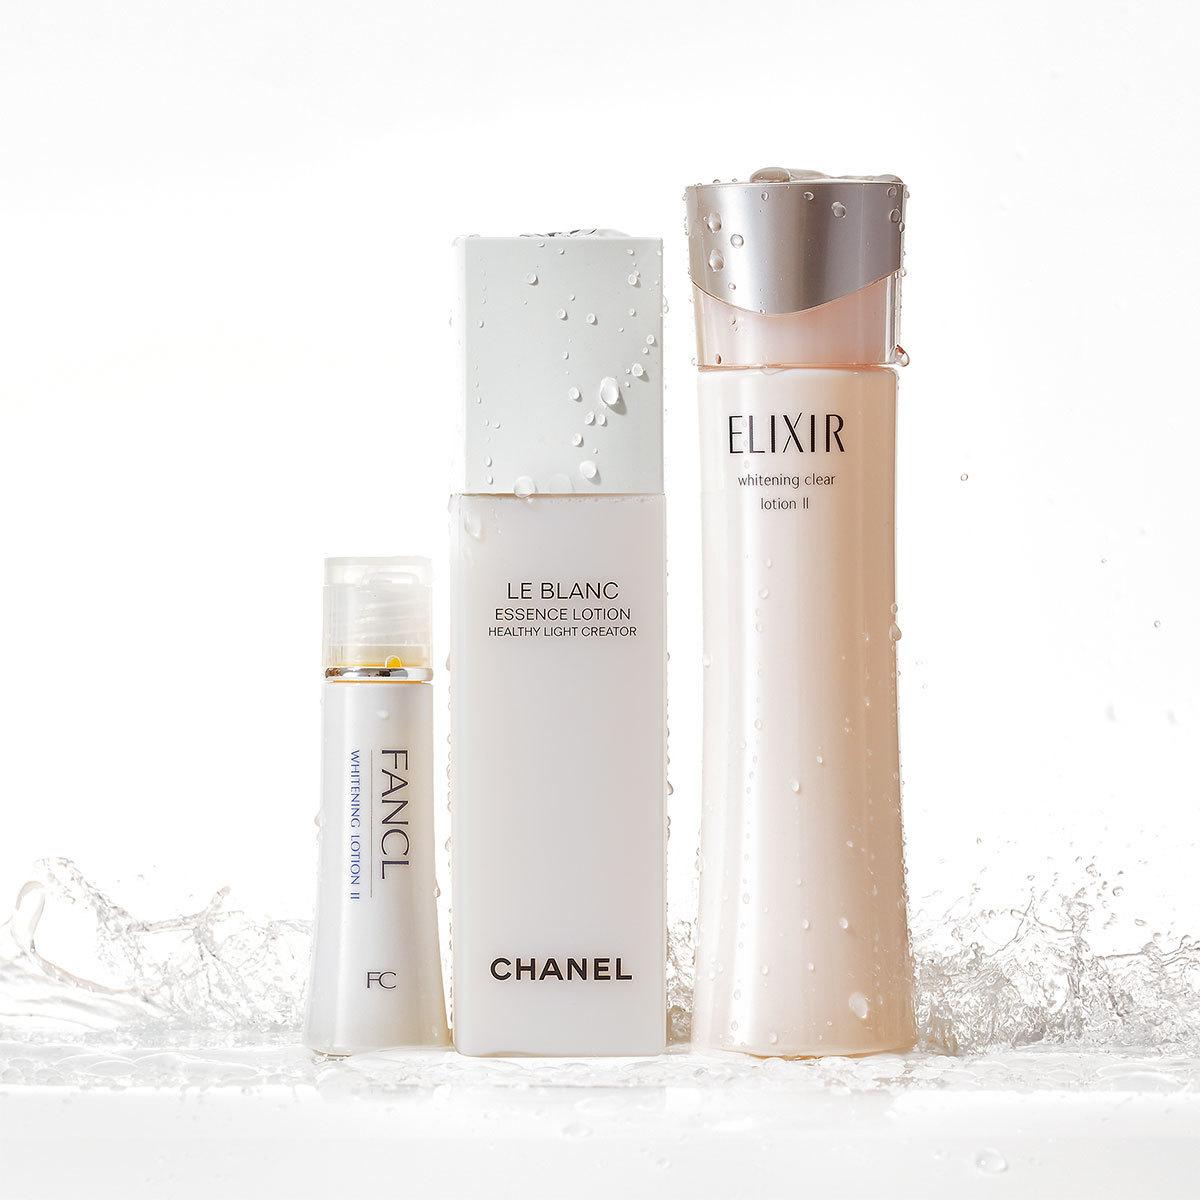 40代のための化粧水特集 | アンチエイジング、くすみ、ごわつきにおすすめの化粧水は?_1_16